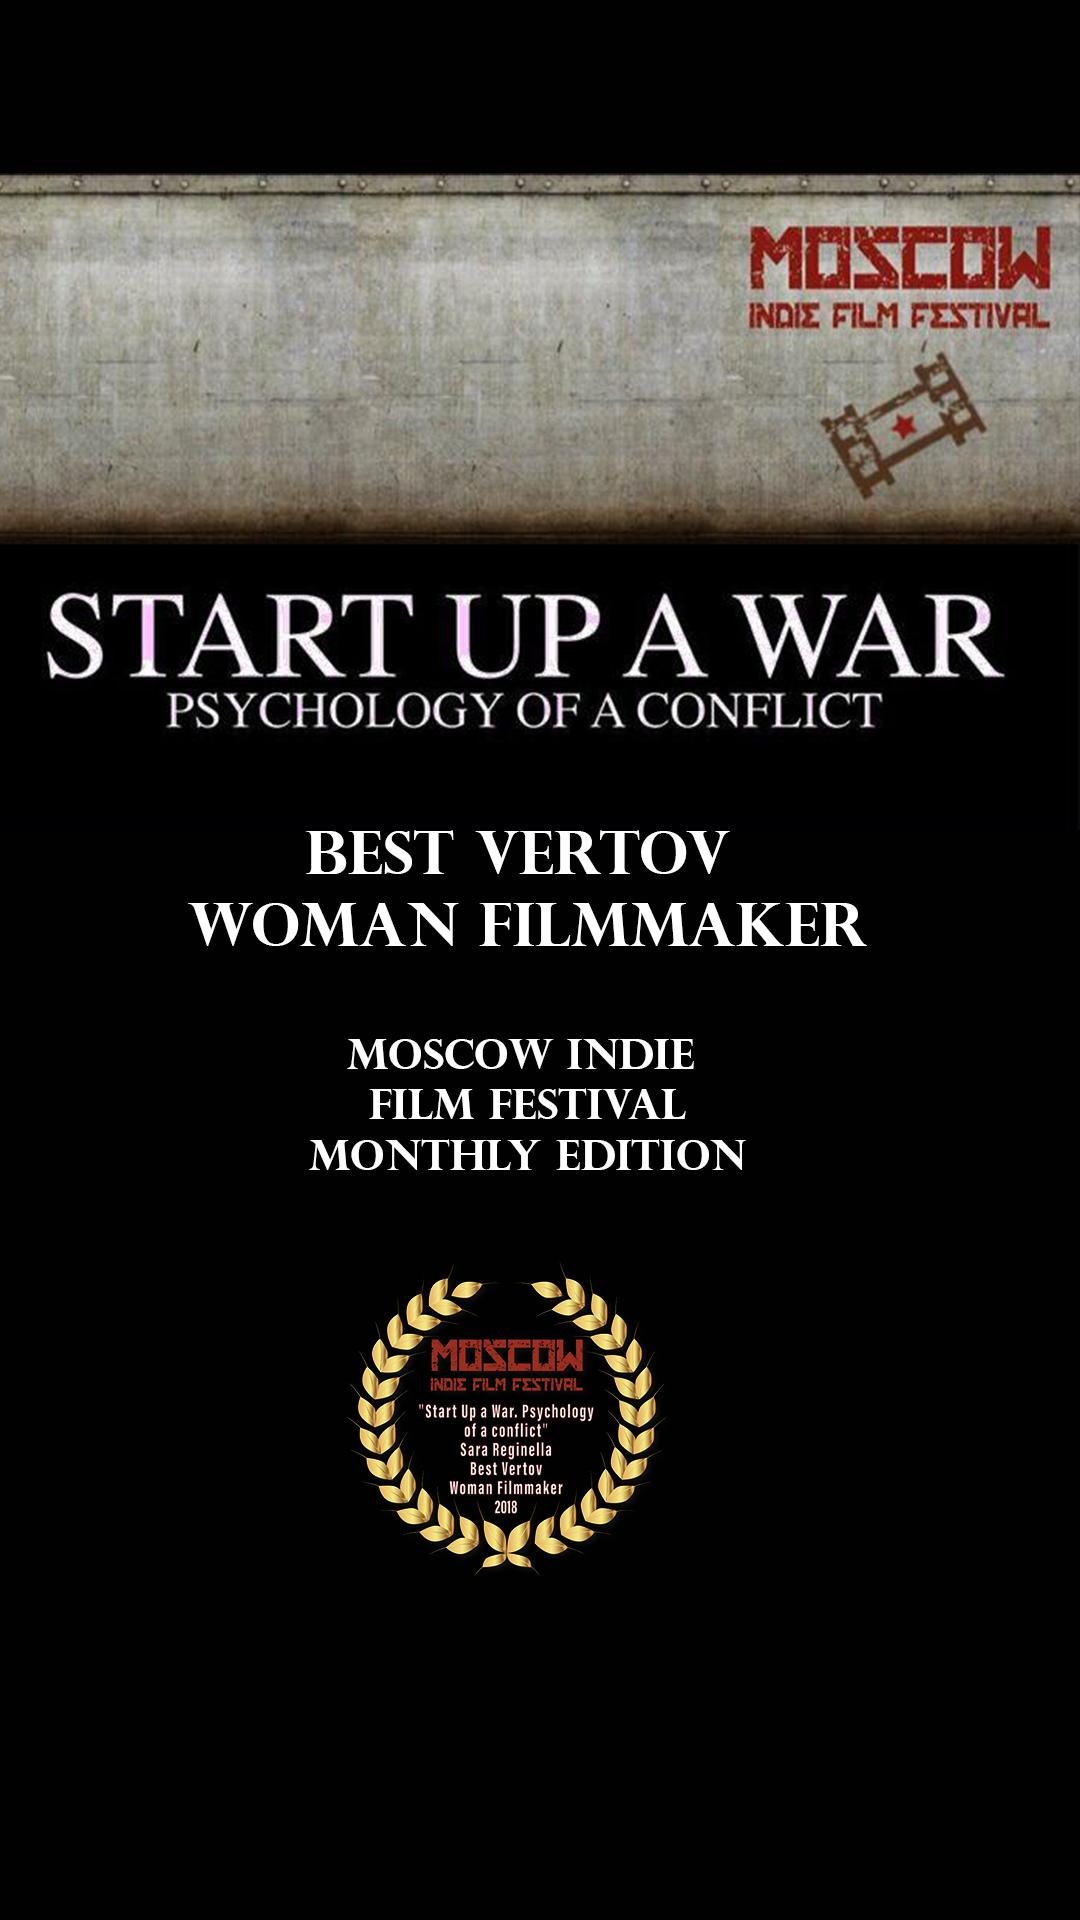 Sara Reginella | Start Up a War Moscow Indie Film Festival